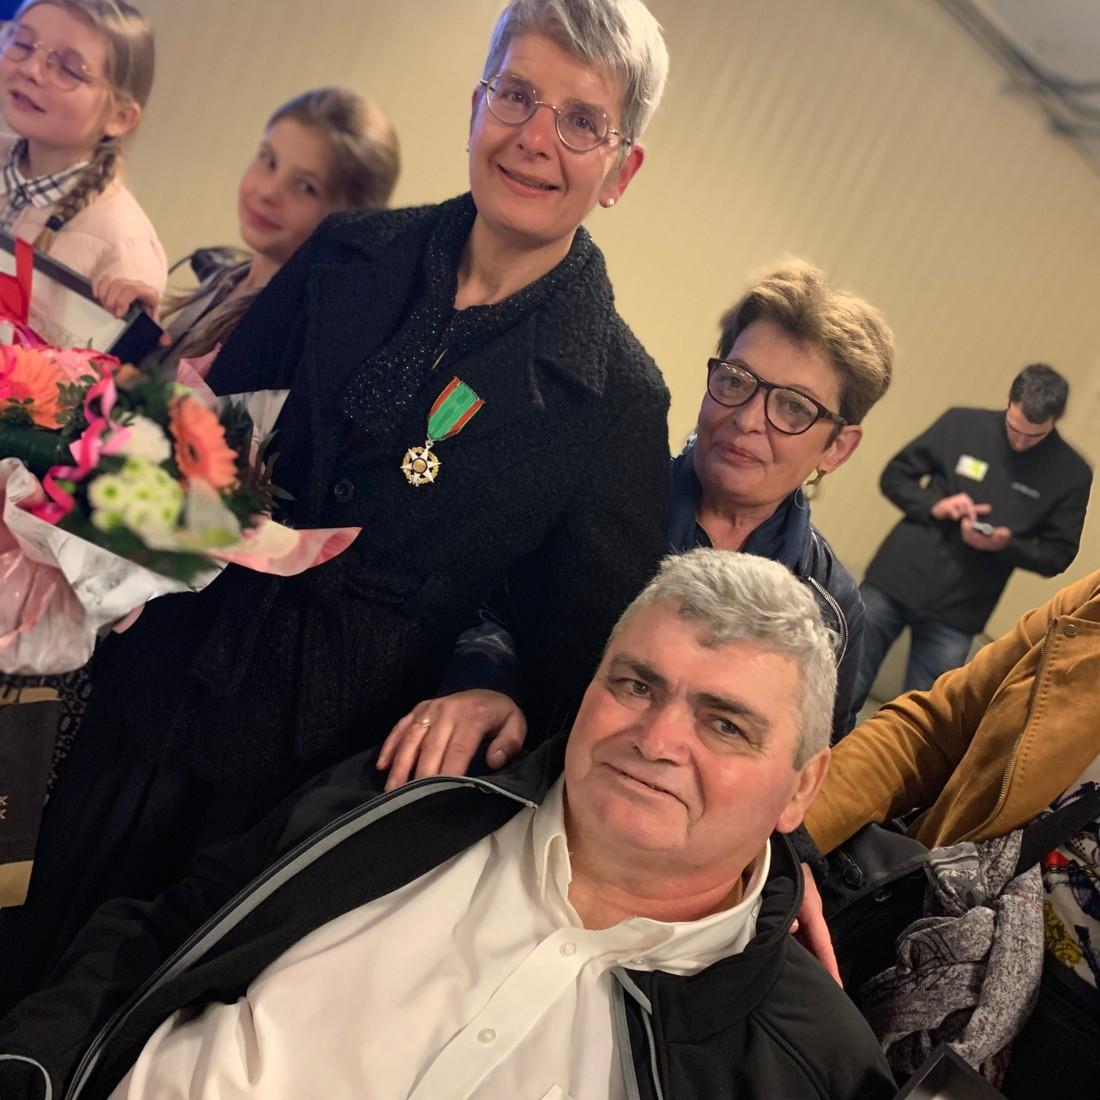 Estelle Le Helloco aux côtés de Daniel Tardivel et de son épouse, Chantal.